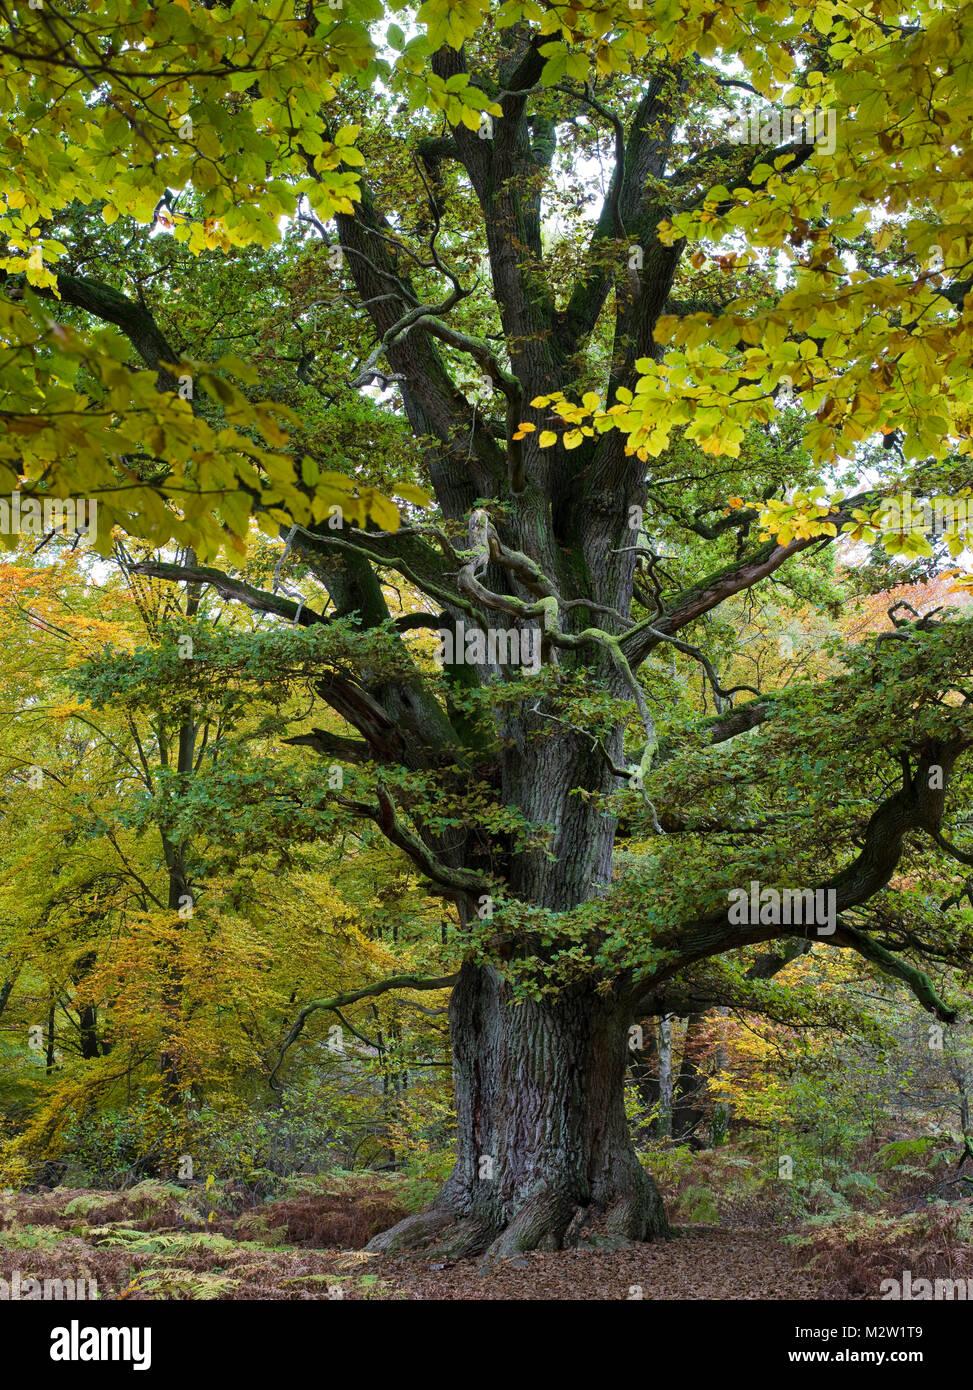 Old oak, Urwald Sababurg, Reinhardswald, Hessia, Germany - Stock Image